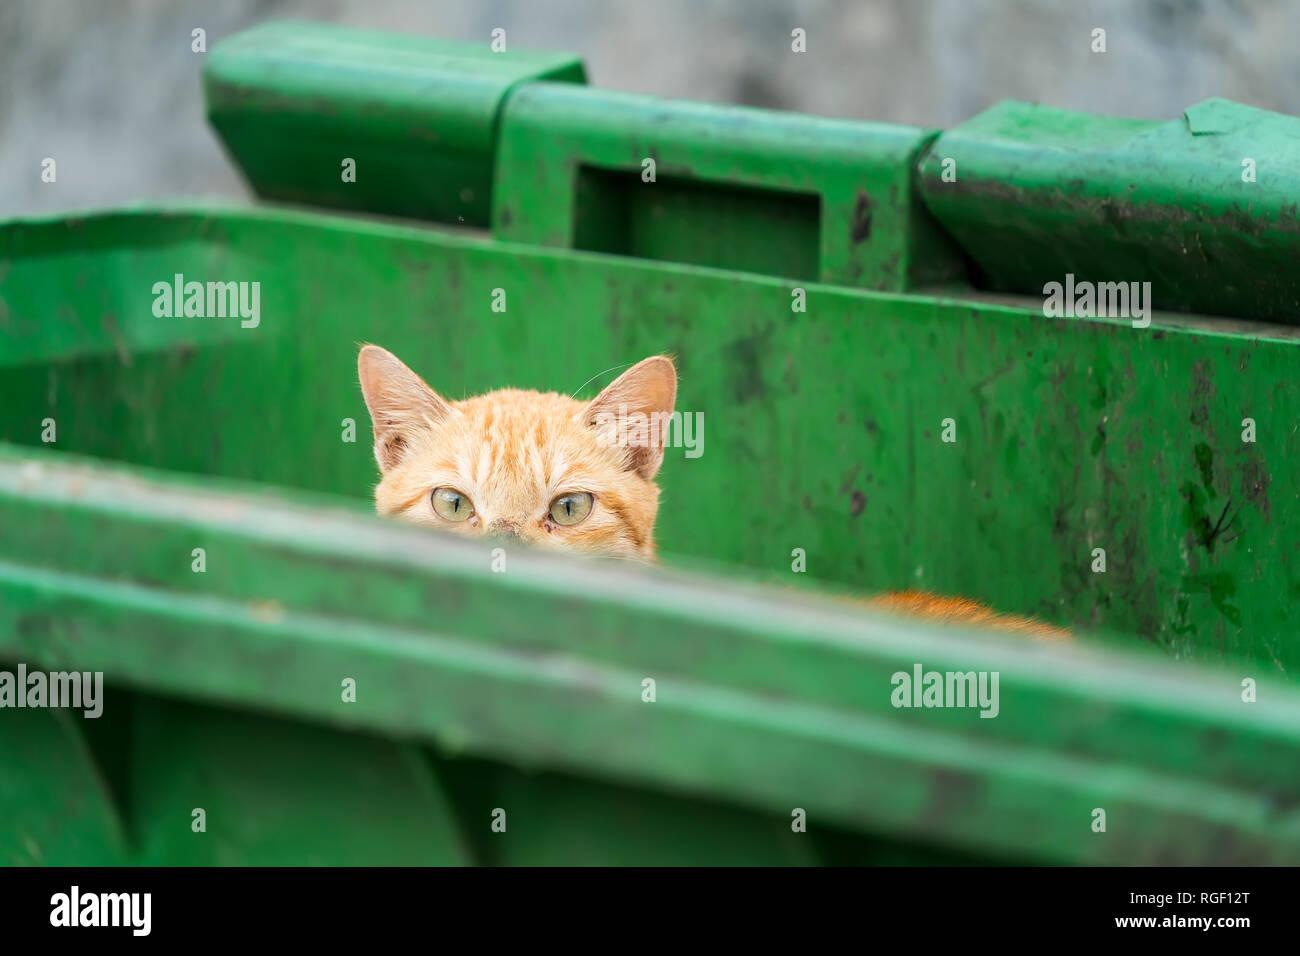 Funny cat hiding in recycler bin - Stock Image